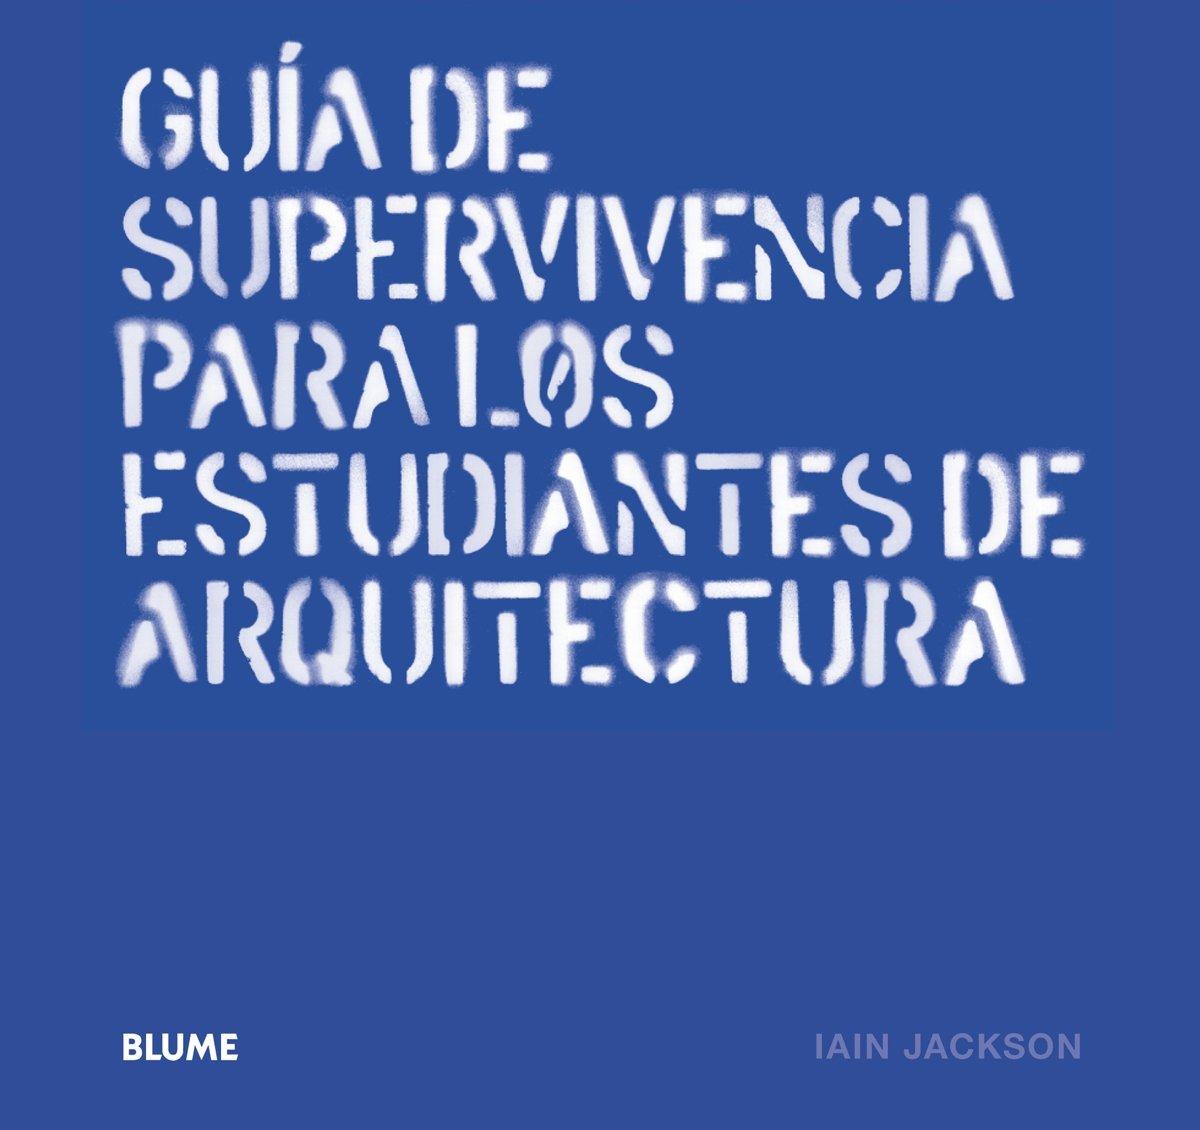 Guía De Supervivencia Para Los Estudiantes De Arquitectura Tapa dura – 10 sep 2015 Iain Jackson Josep Maria Rovira Gimeno Cristina Rodríguez Fischer Anton Anton